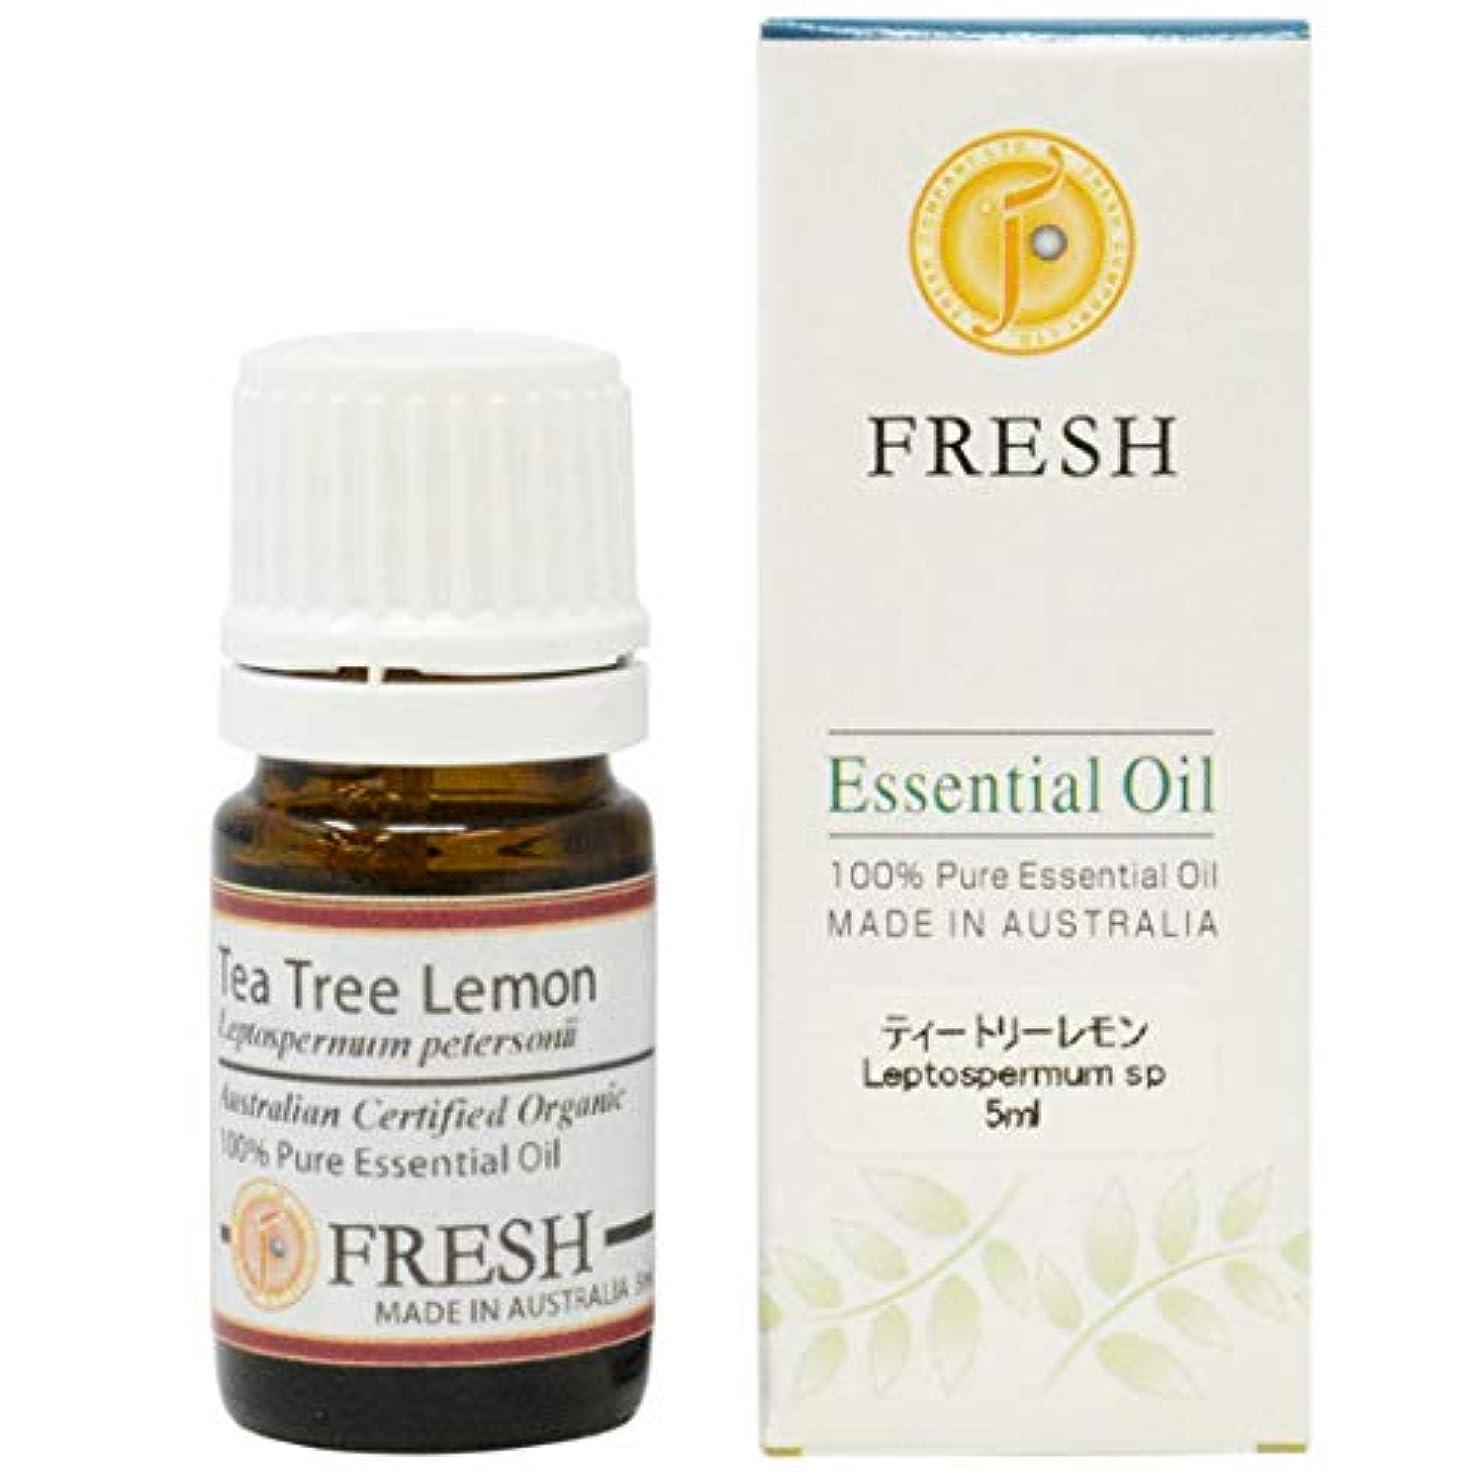 涙が出るアラート教えFRESH オーガニック エッセンシャルオイル ティートリーレモン 5ml (FRESH 精油)